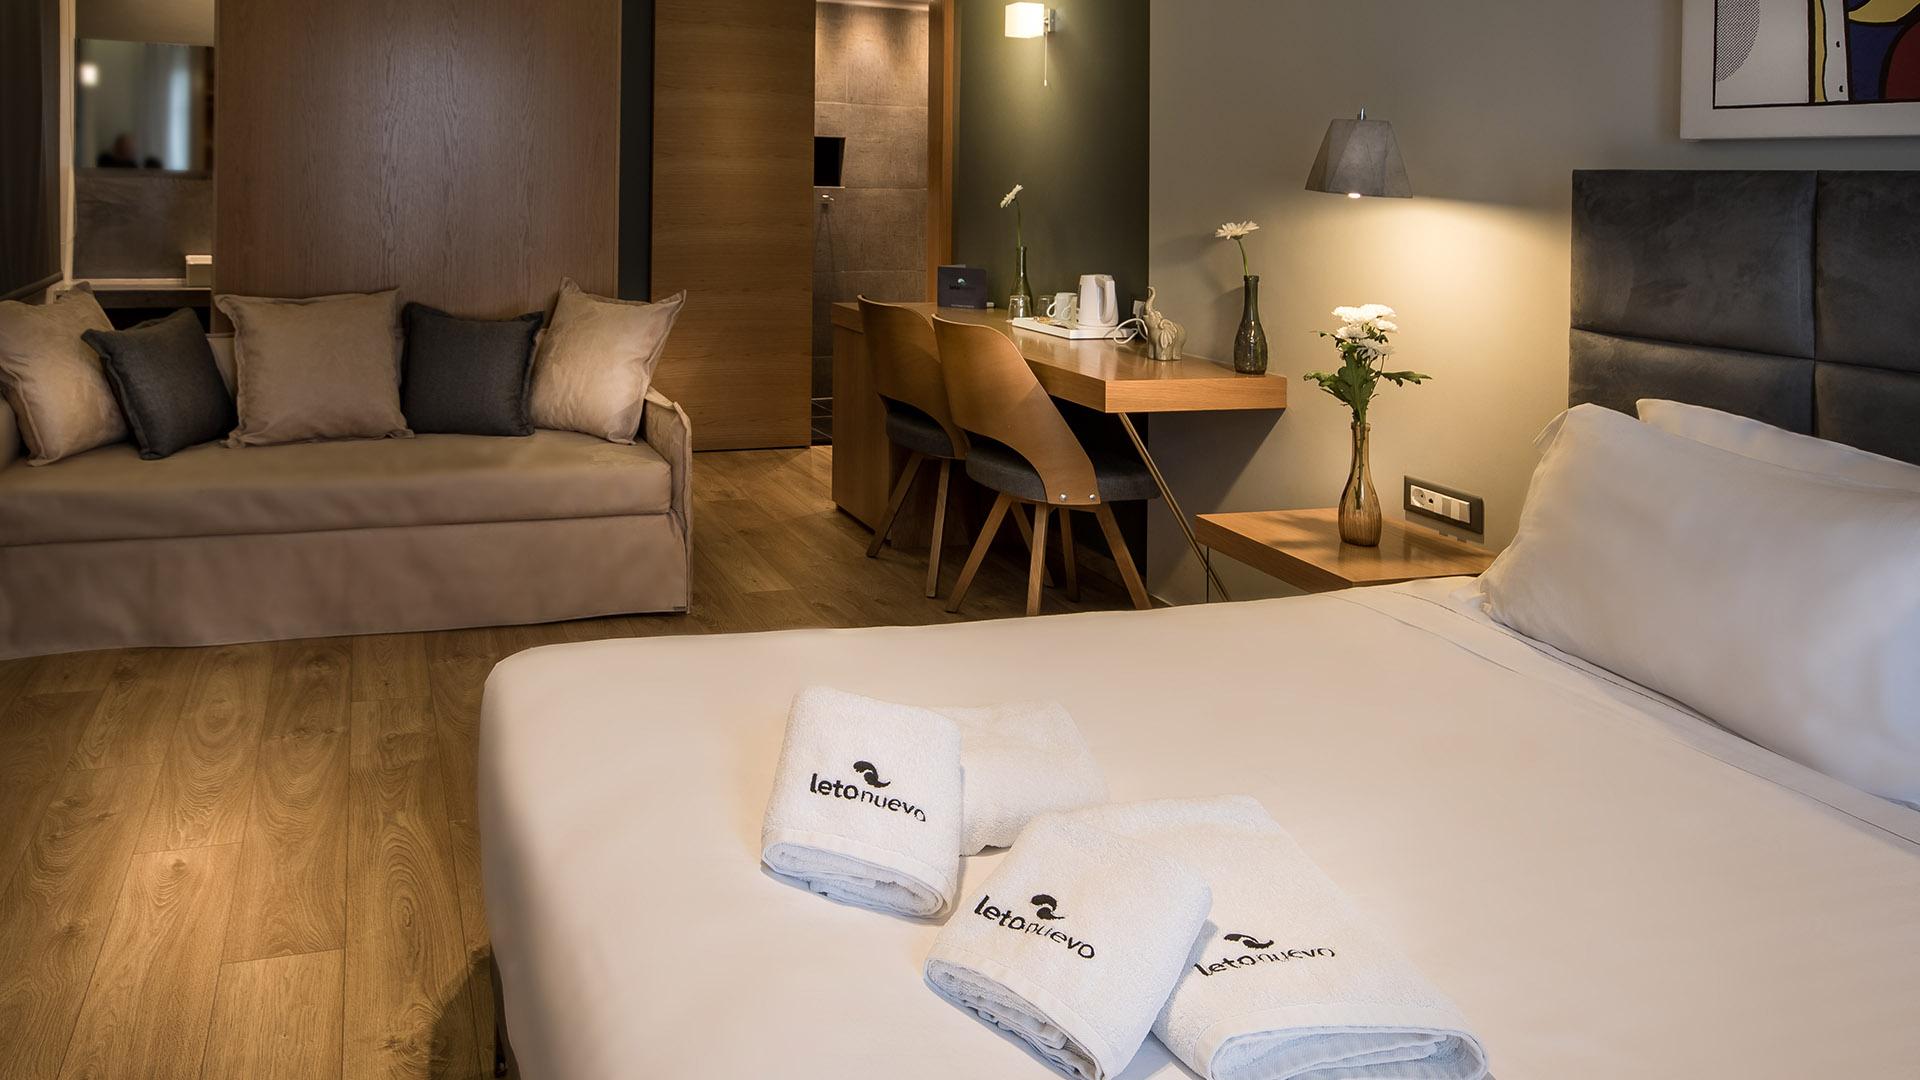 nafplio hotels - Leto Nuevo Hotel